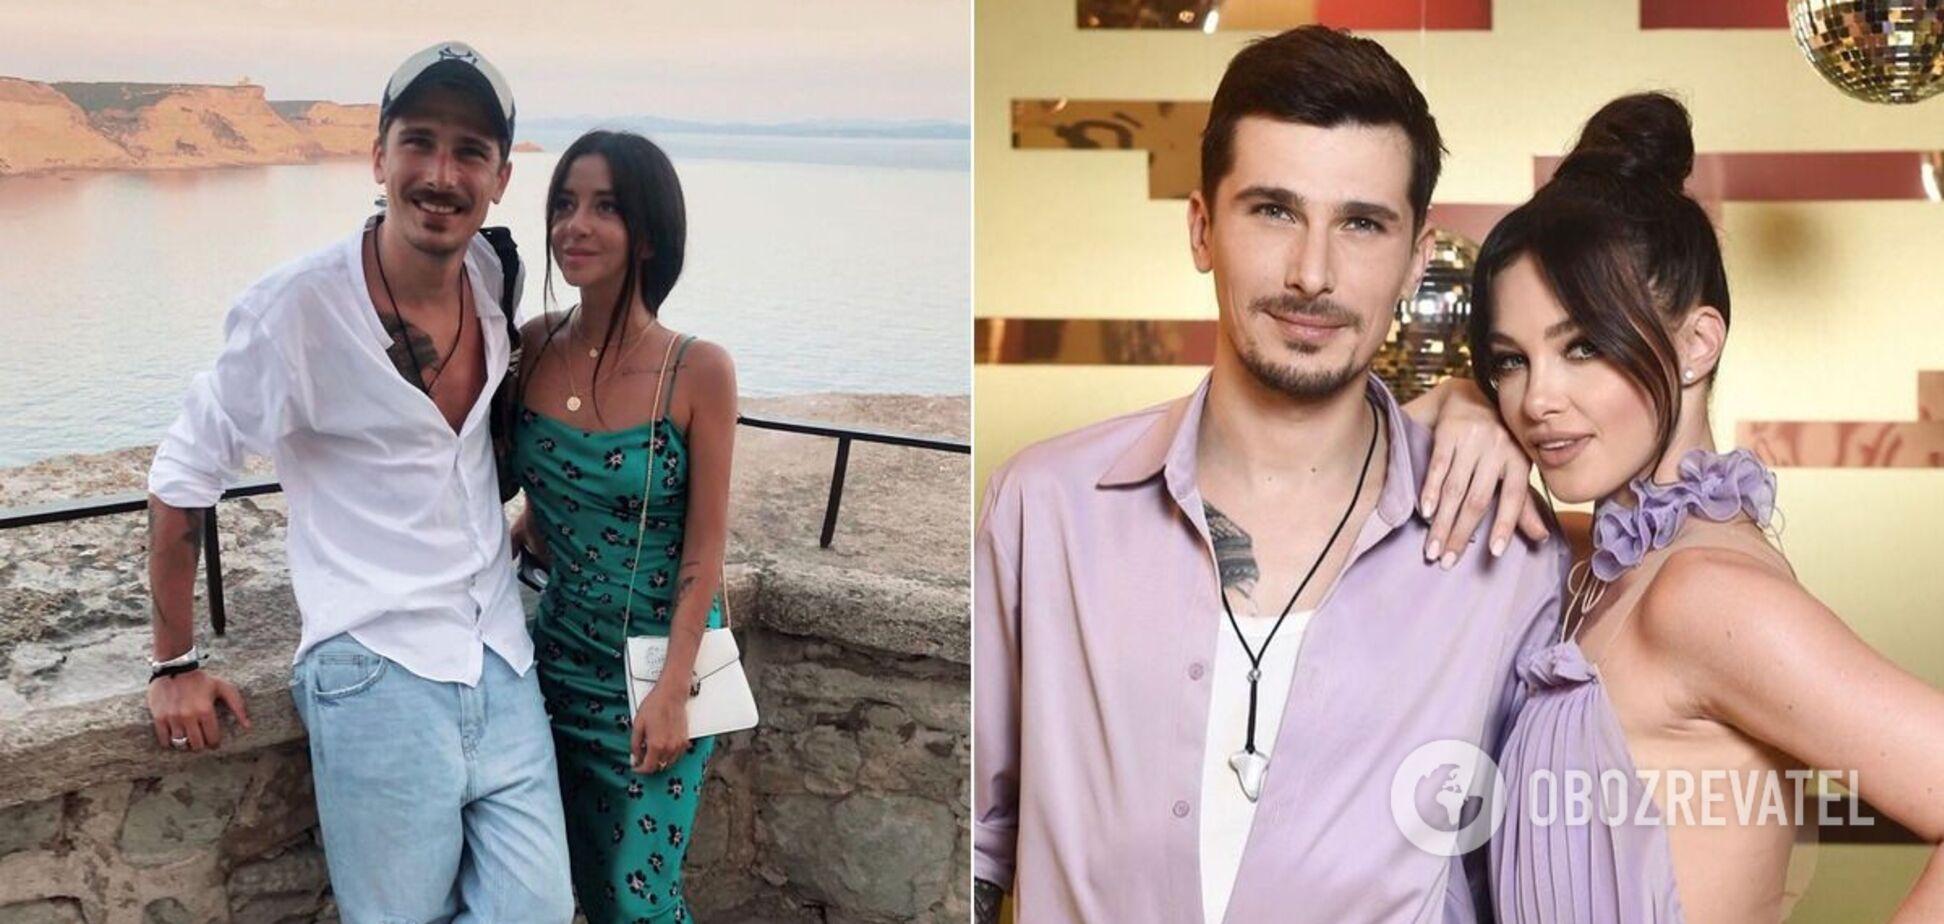 Перше фото - Позитив з дружиною, друге - з Юлією Сахневич